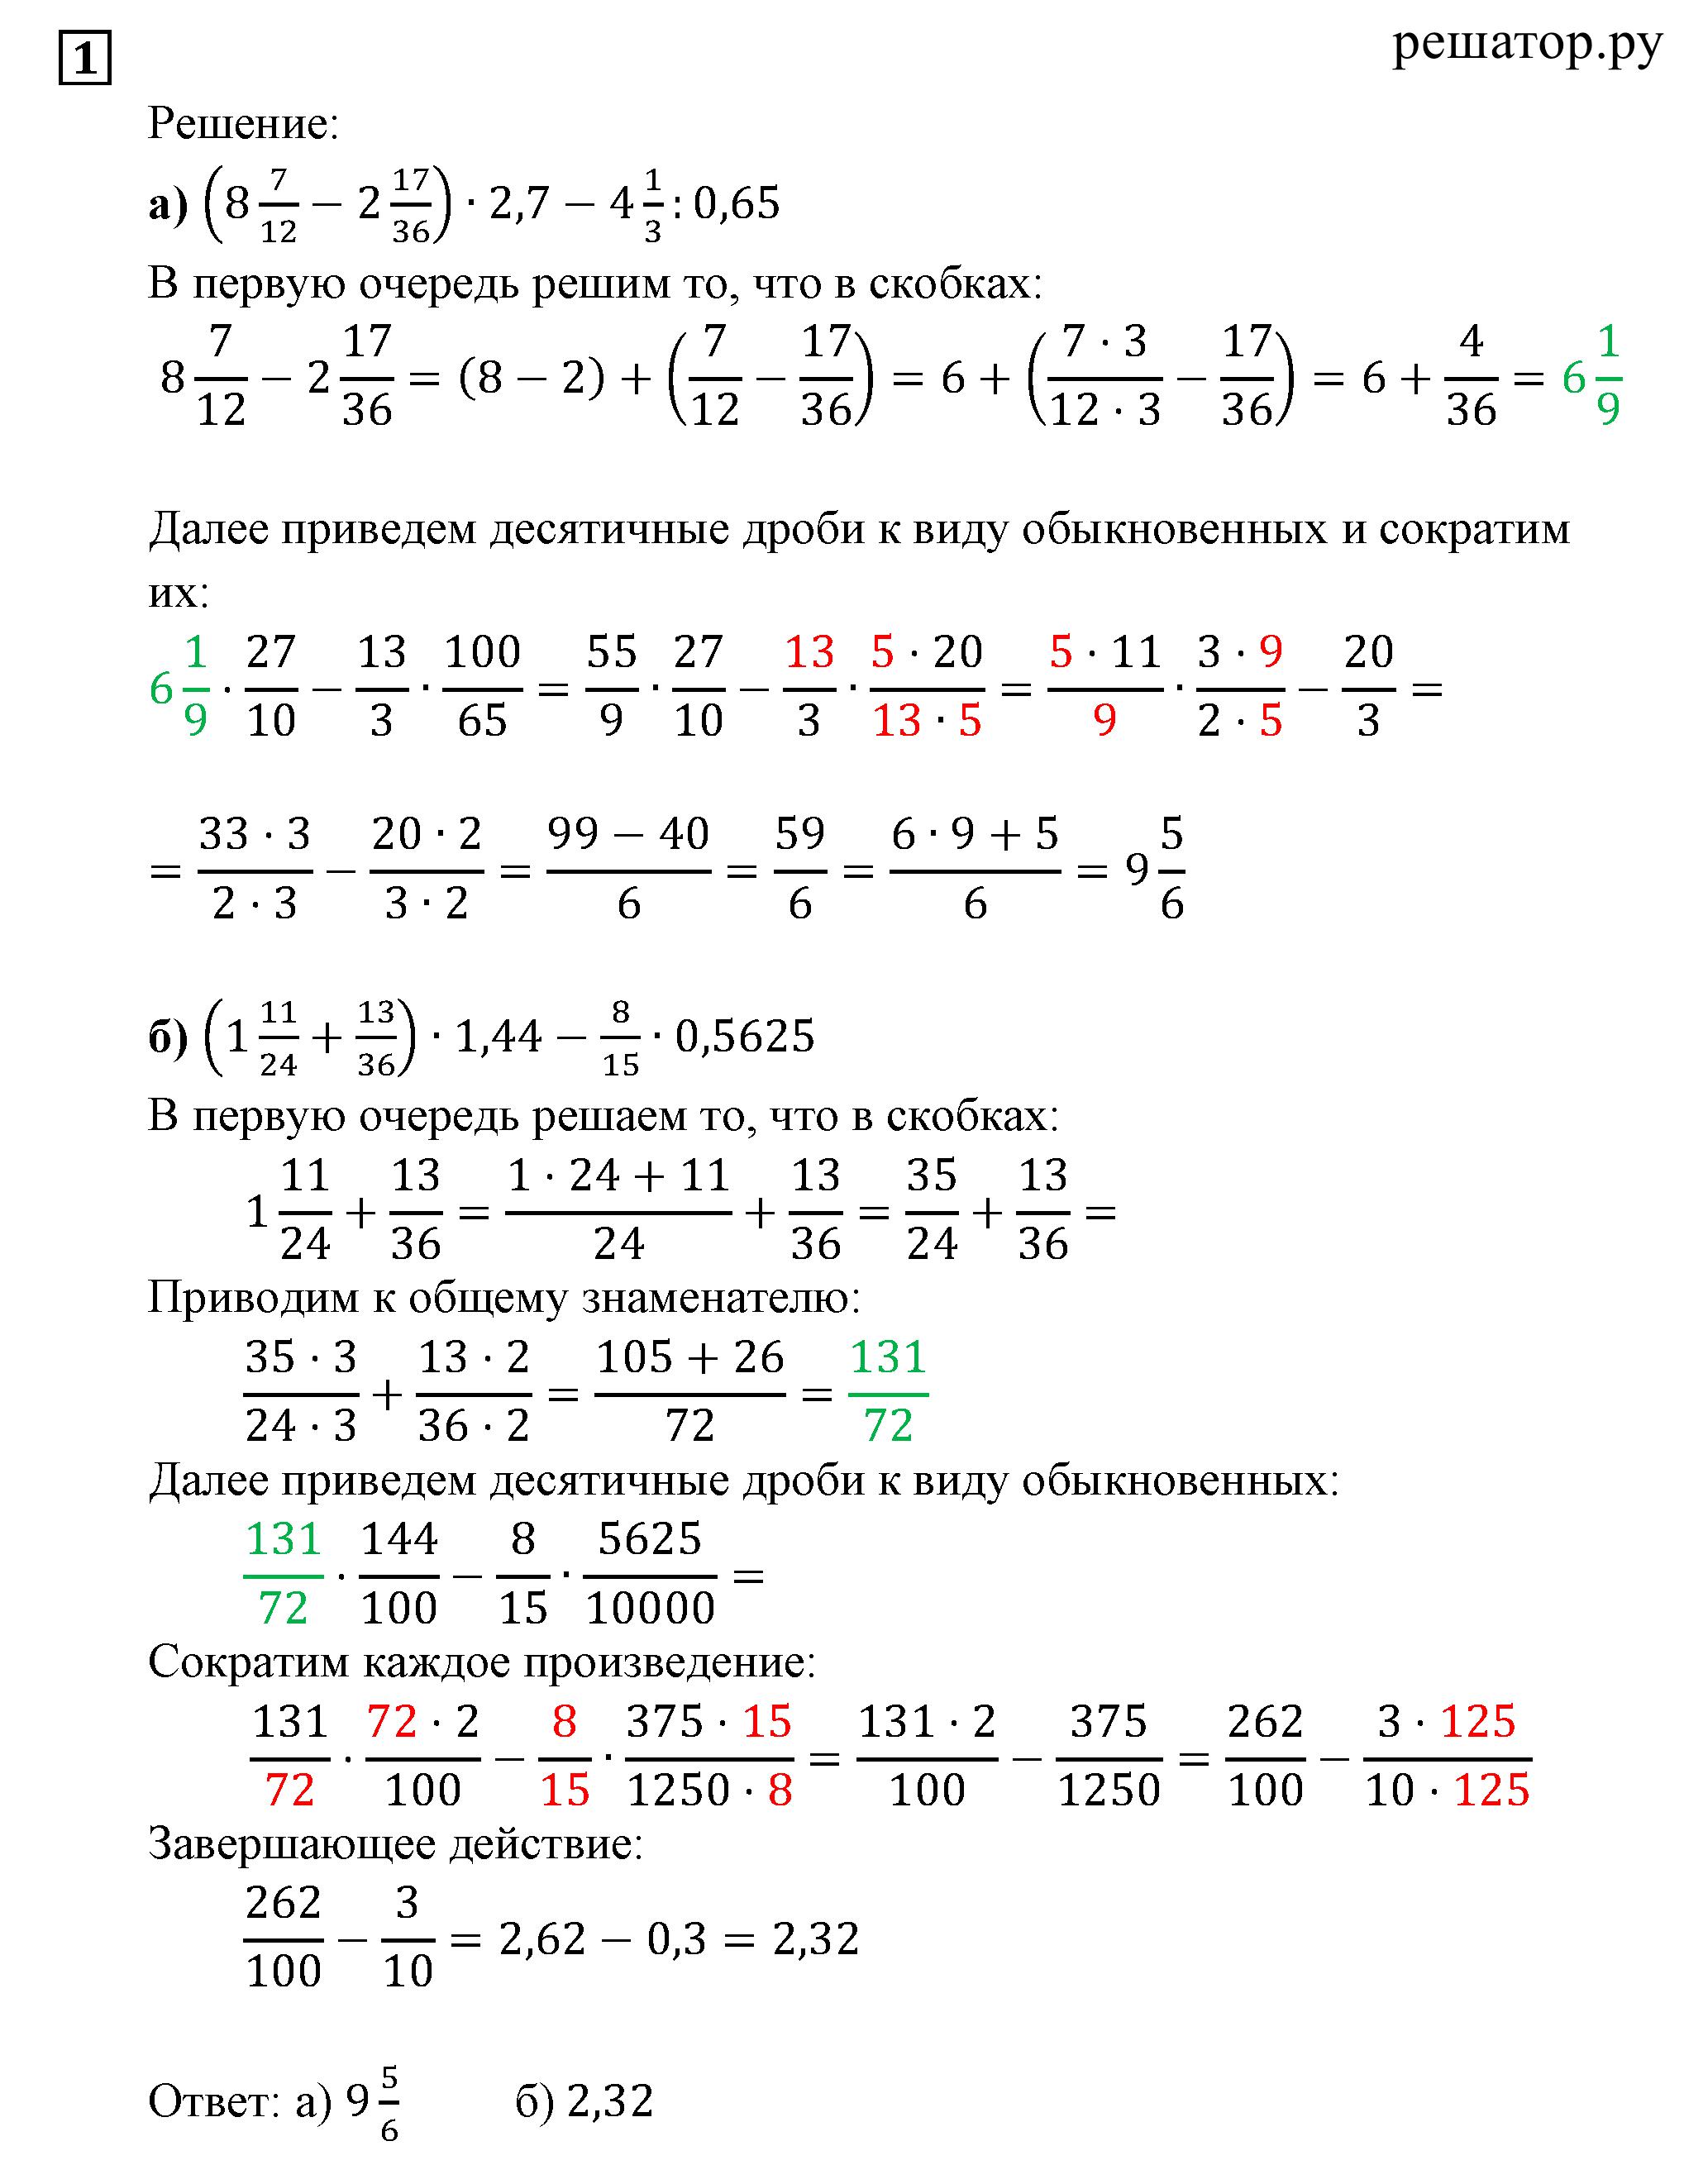 Задачи на повторение: 1 - решебник №1